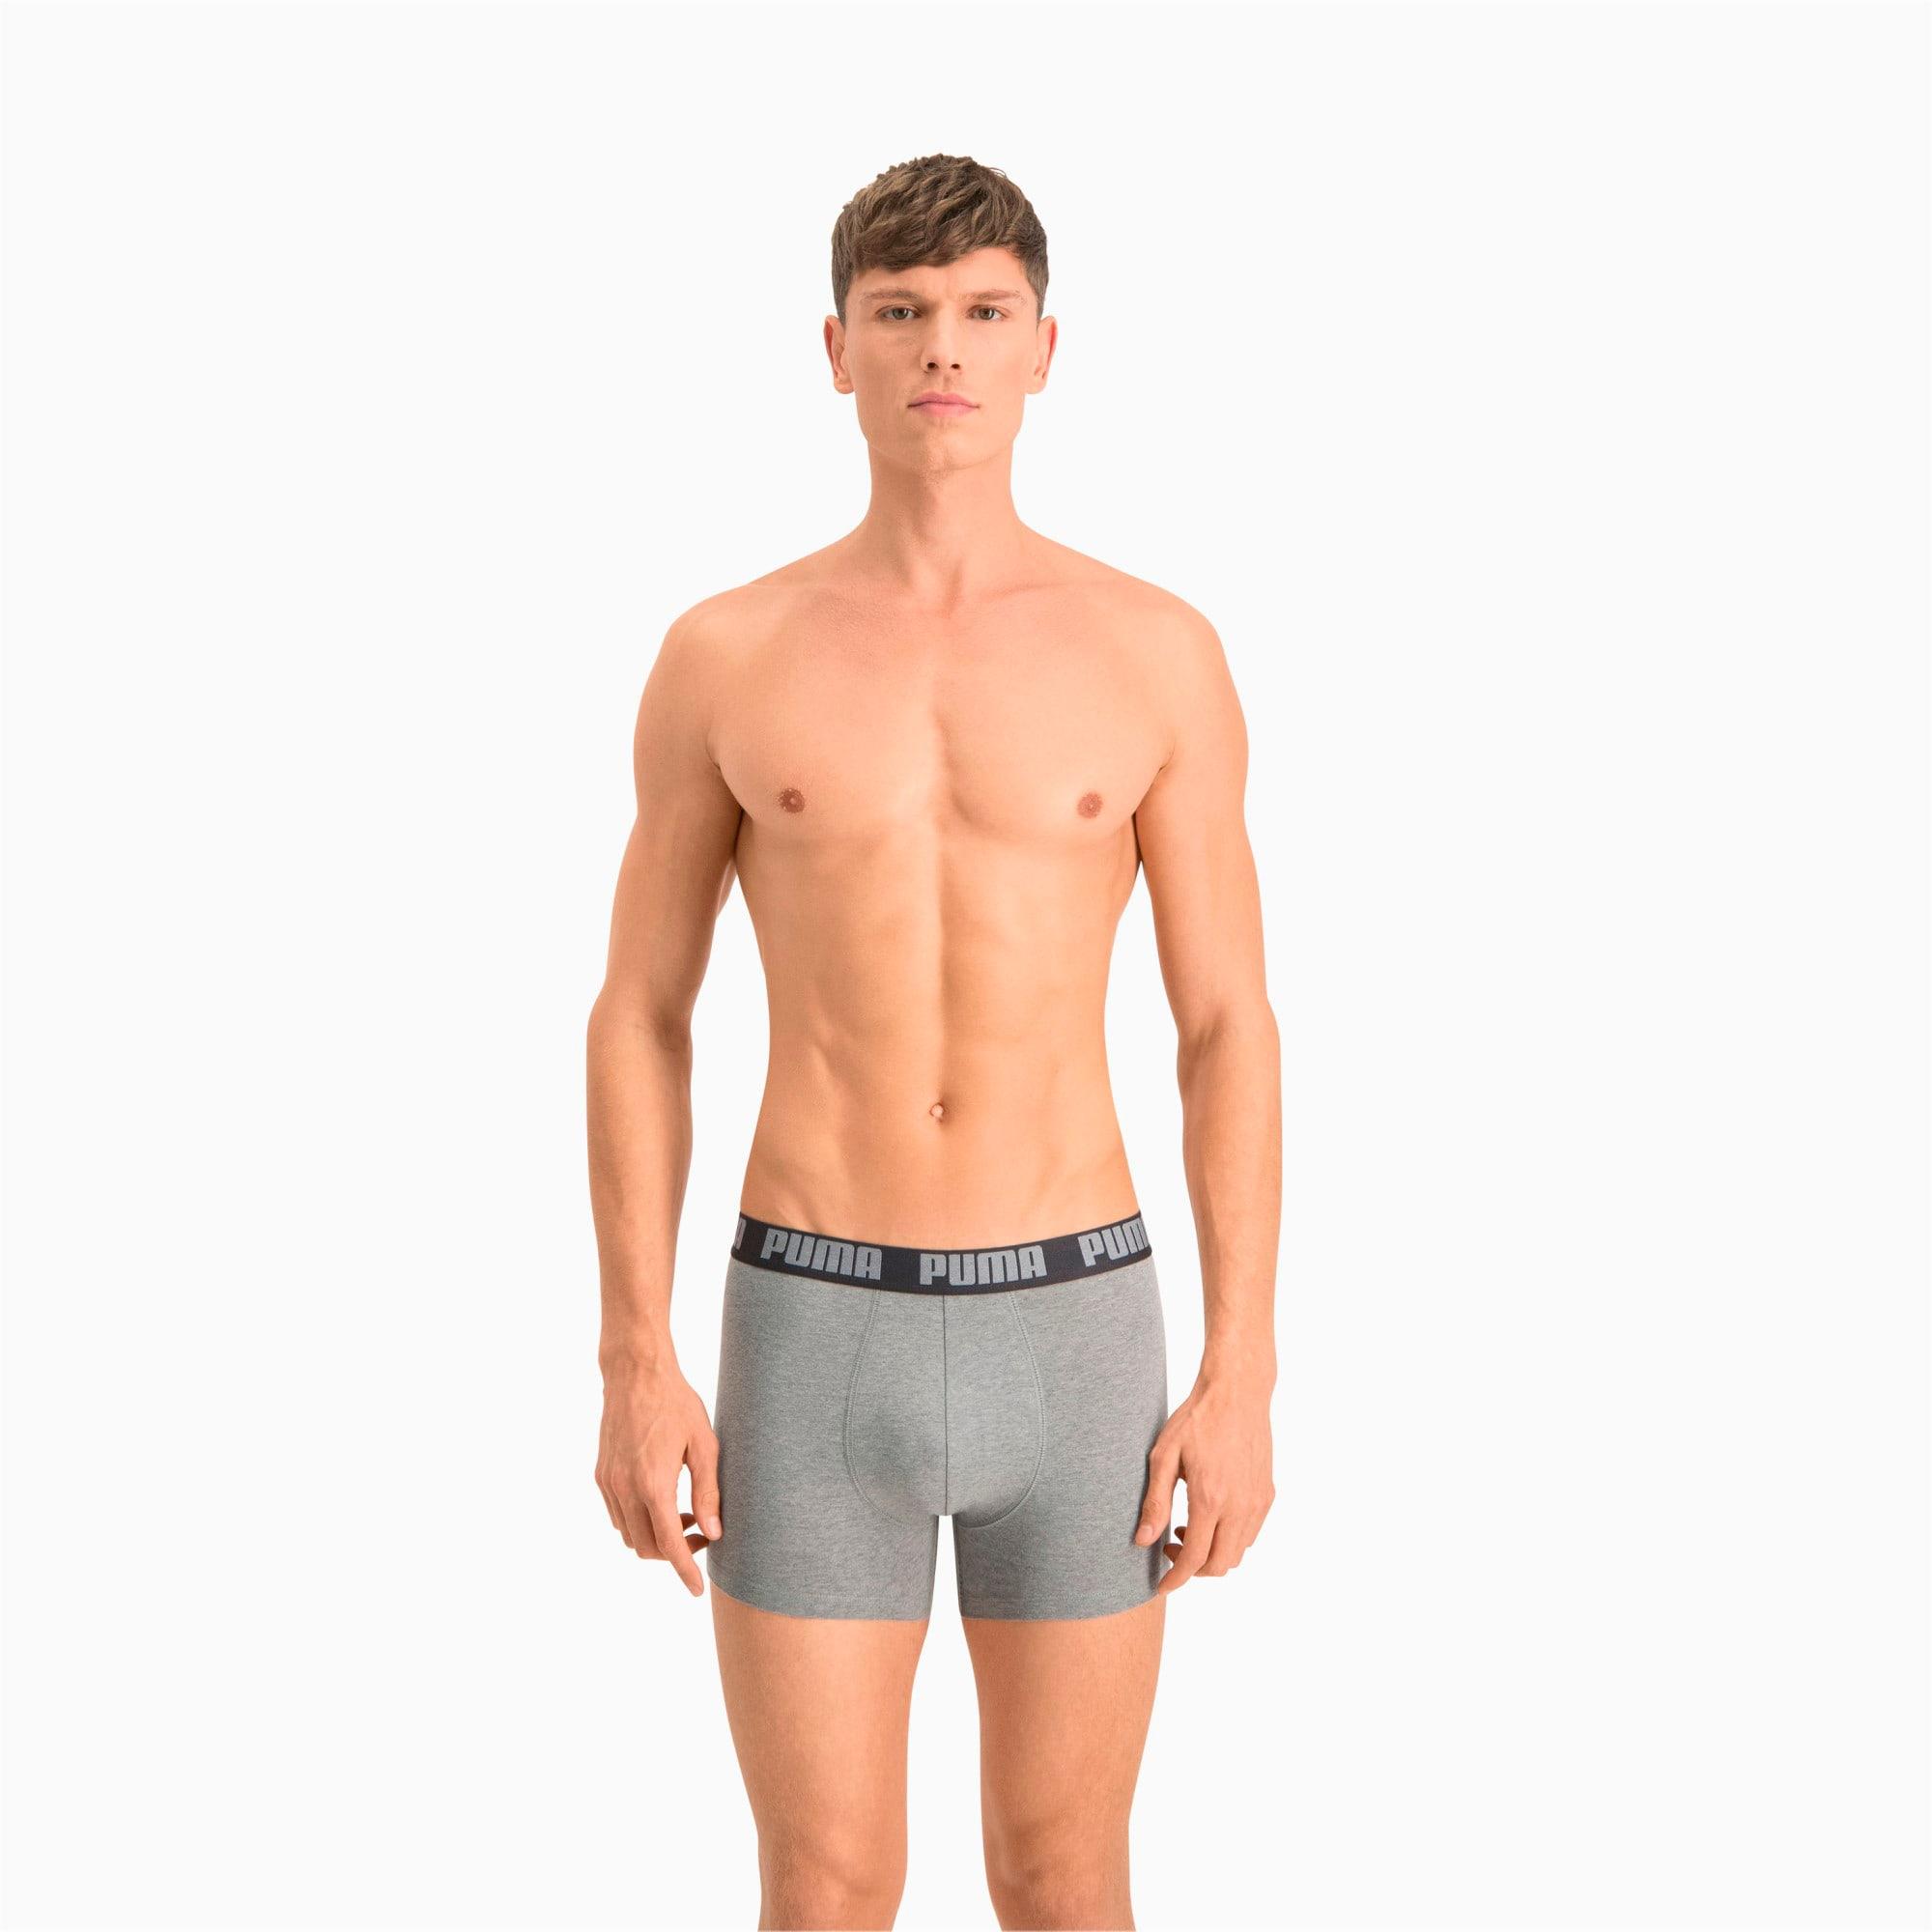 Thumbnail 3 van Basic boxershort voor mannen in verpakking van 2, donkergrijze melange / zwart, medium